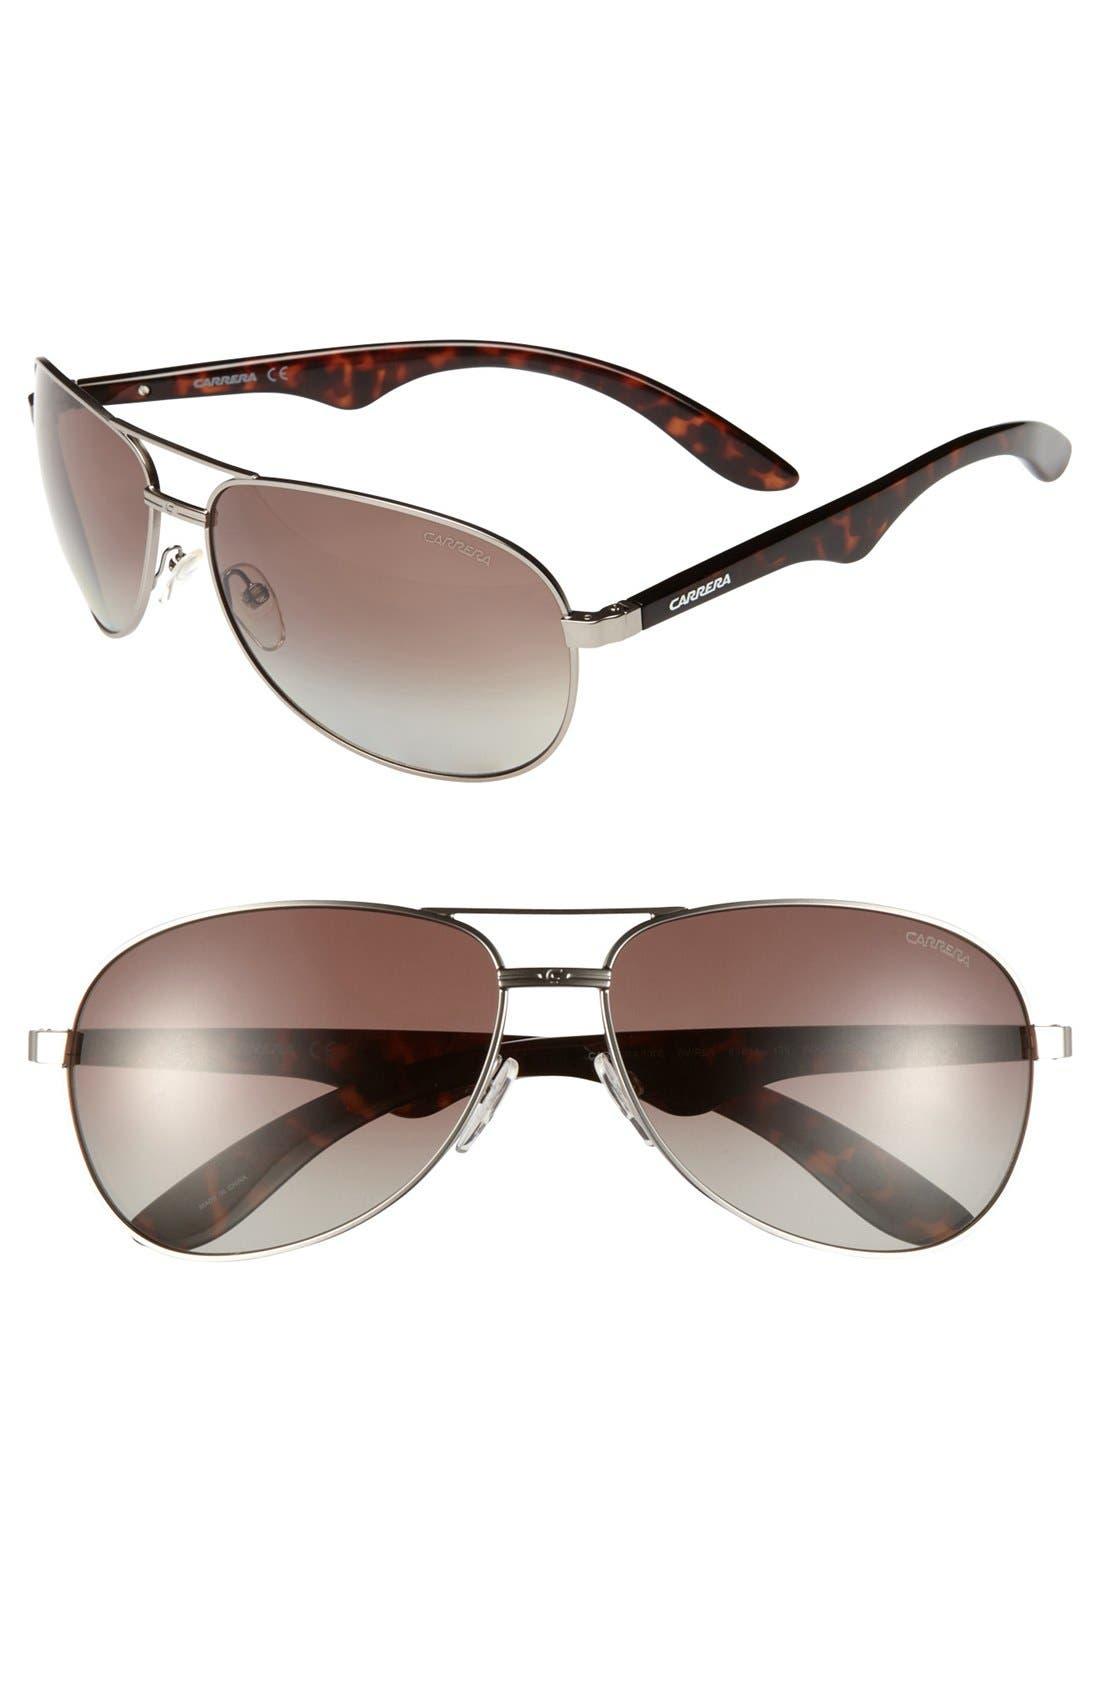 Main Image - Carrera Eyewear 63mm Stainless Steel Aviator Sunglasses